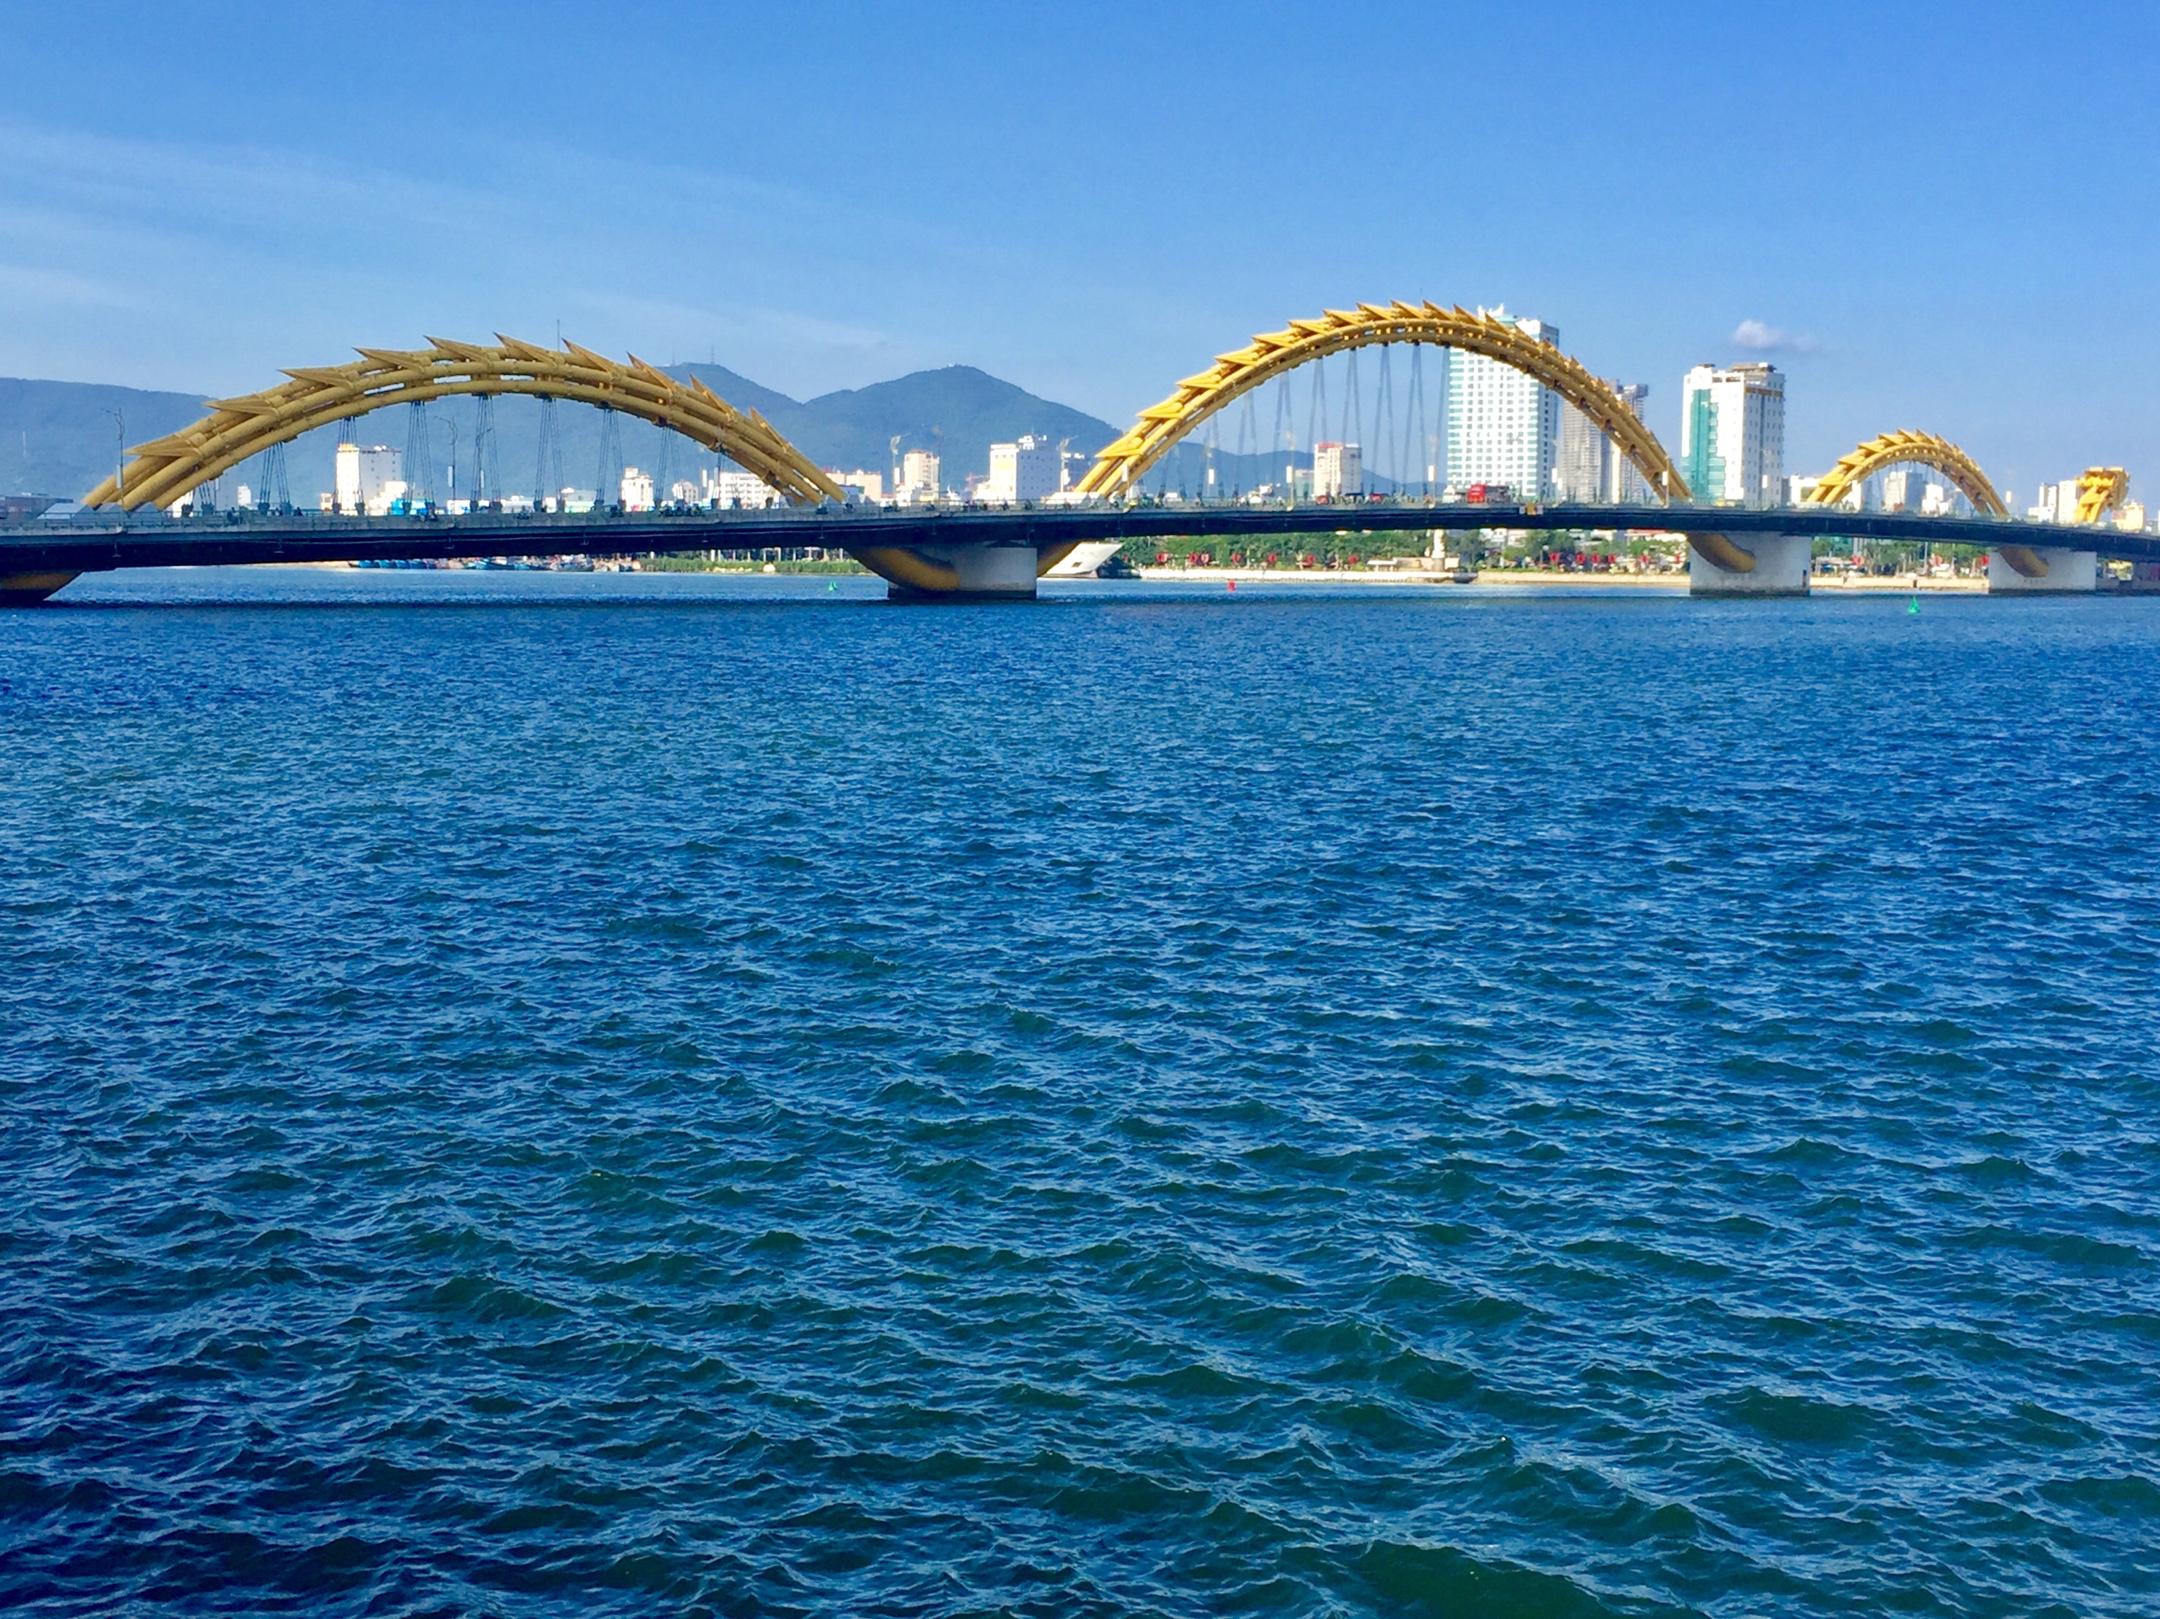 安徽省龙桥镇风景图